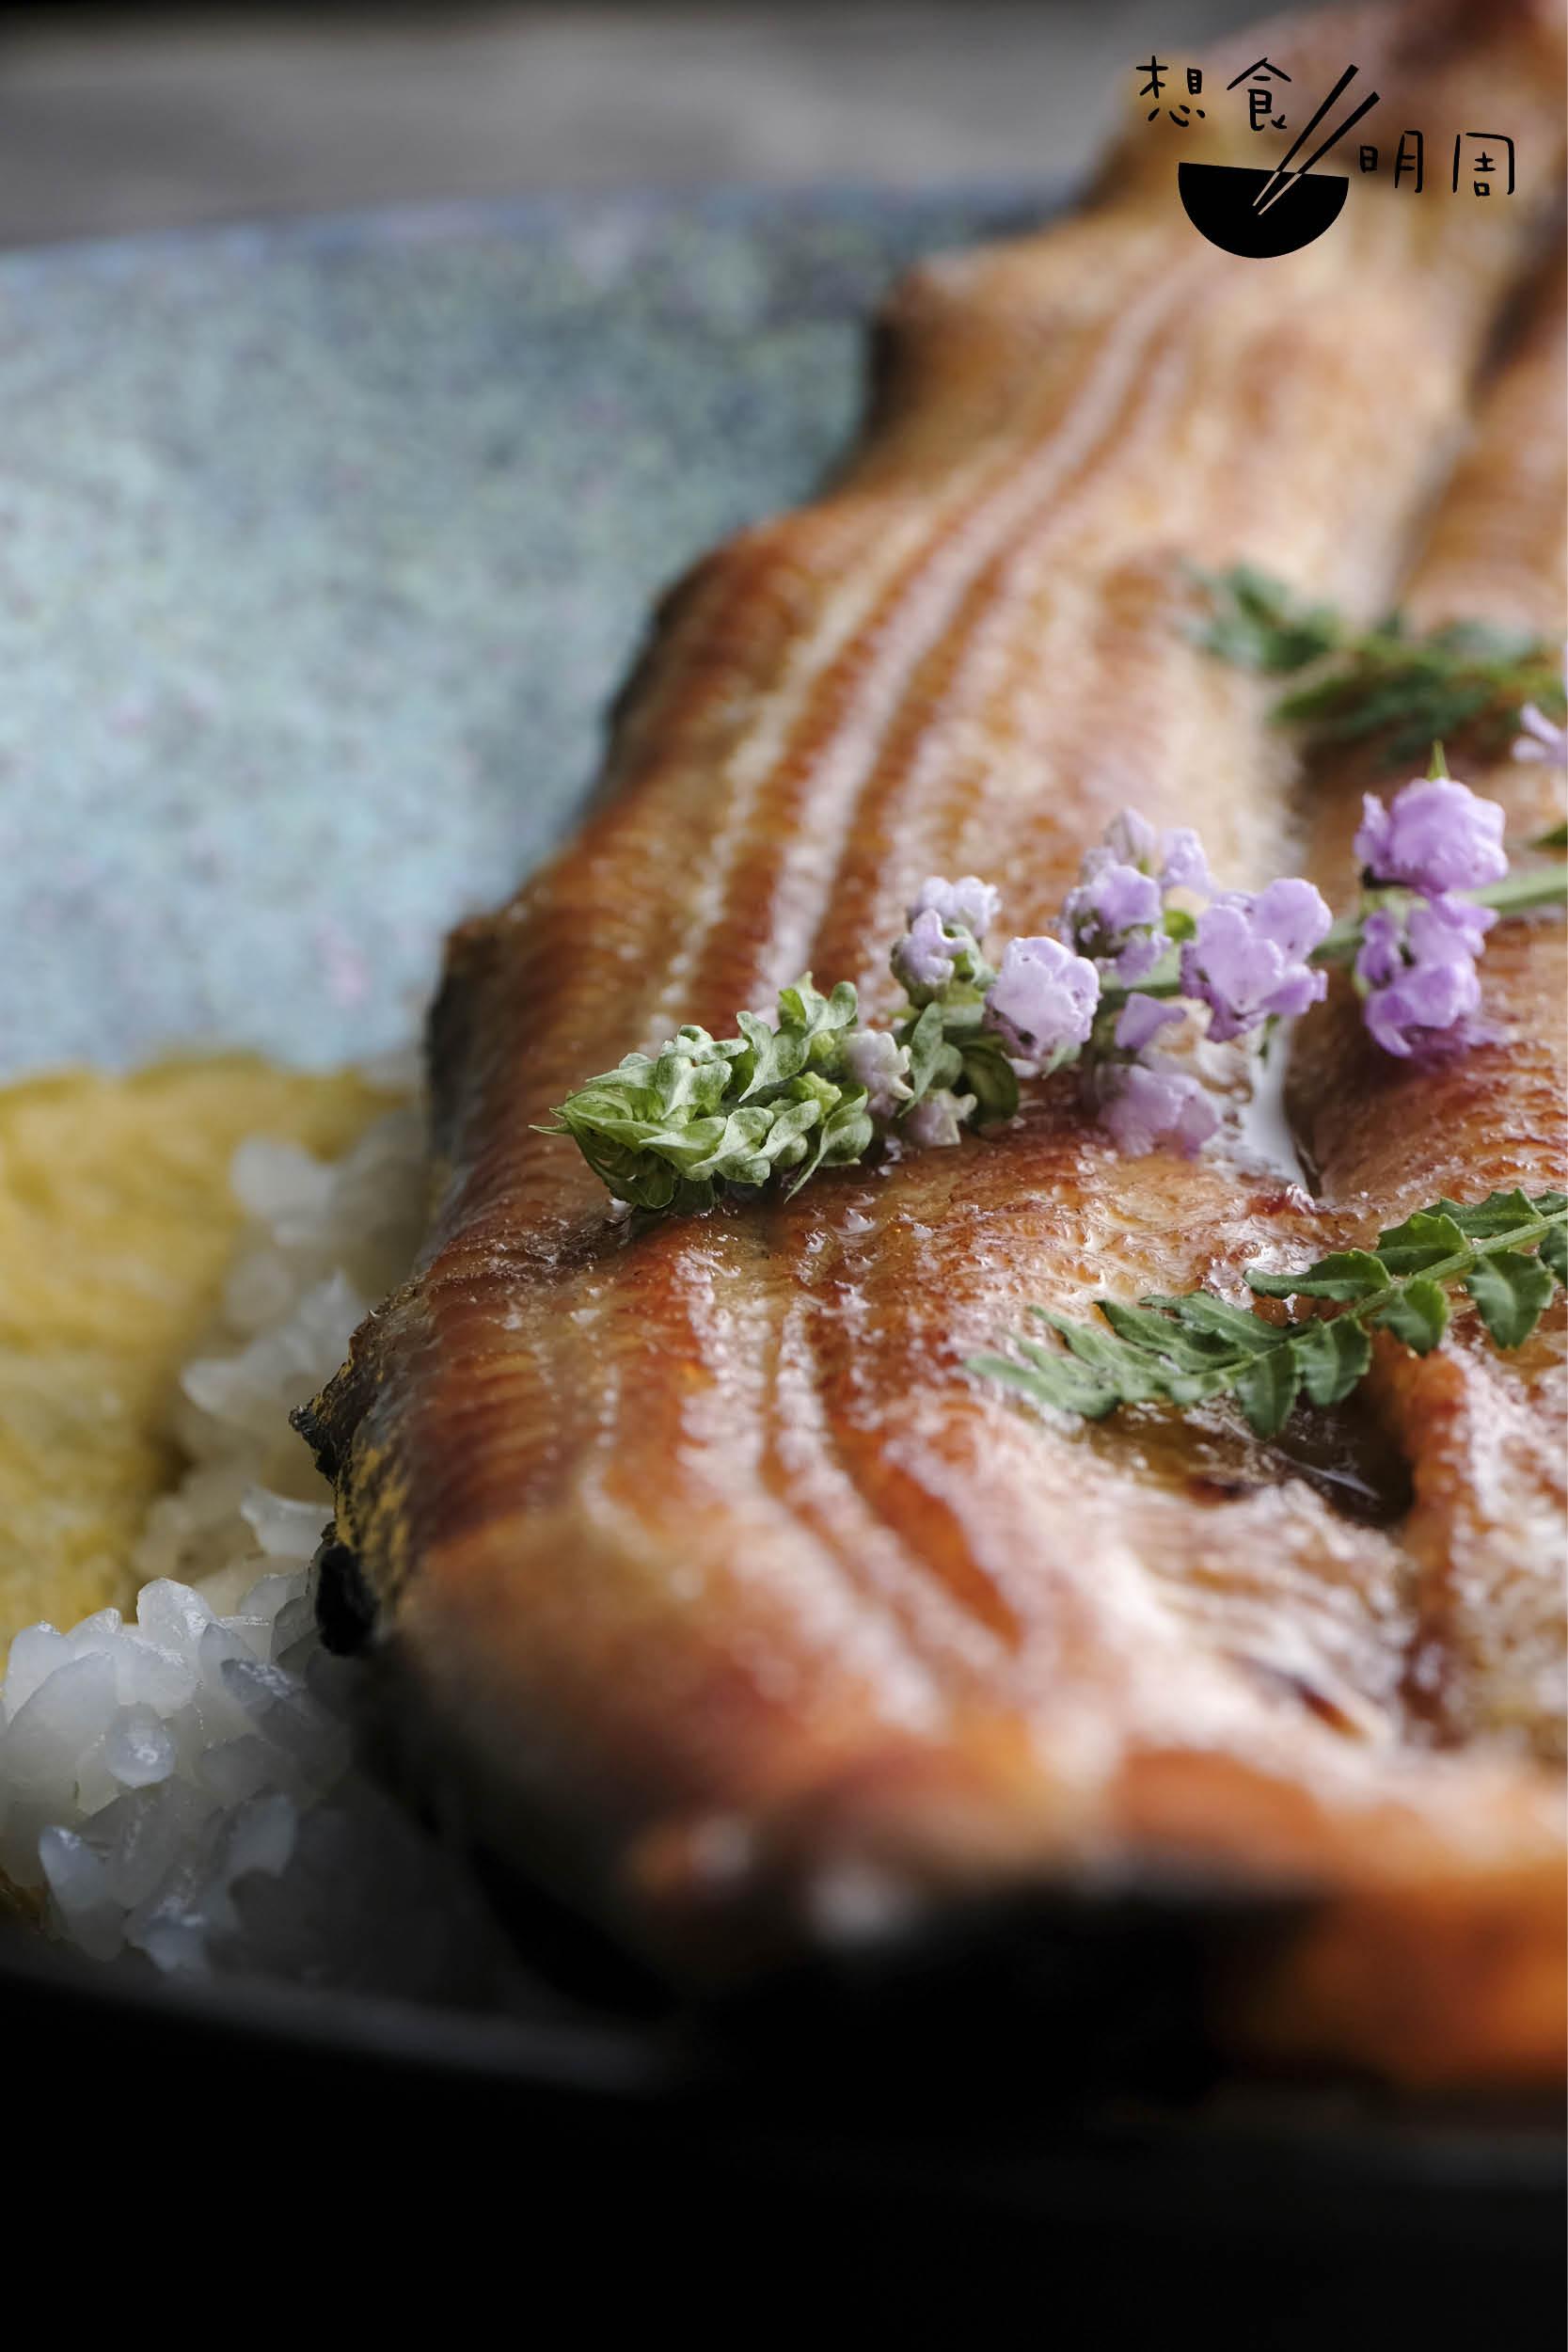 由於劏完即燒,肉質會收縮,邊位呈波浪形。如果用急凍鰻,由於預先劏好,肉質漸變鬆馳,便不復見浪邊。